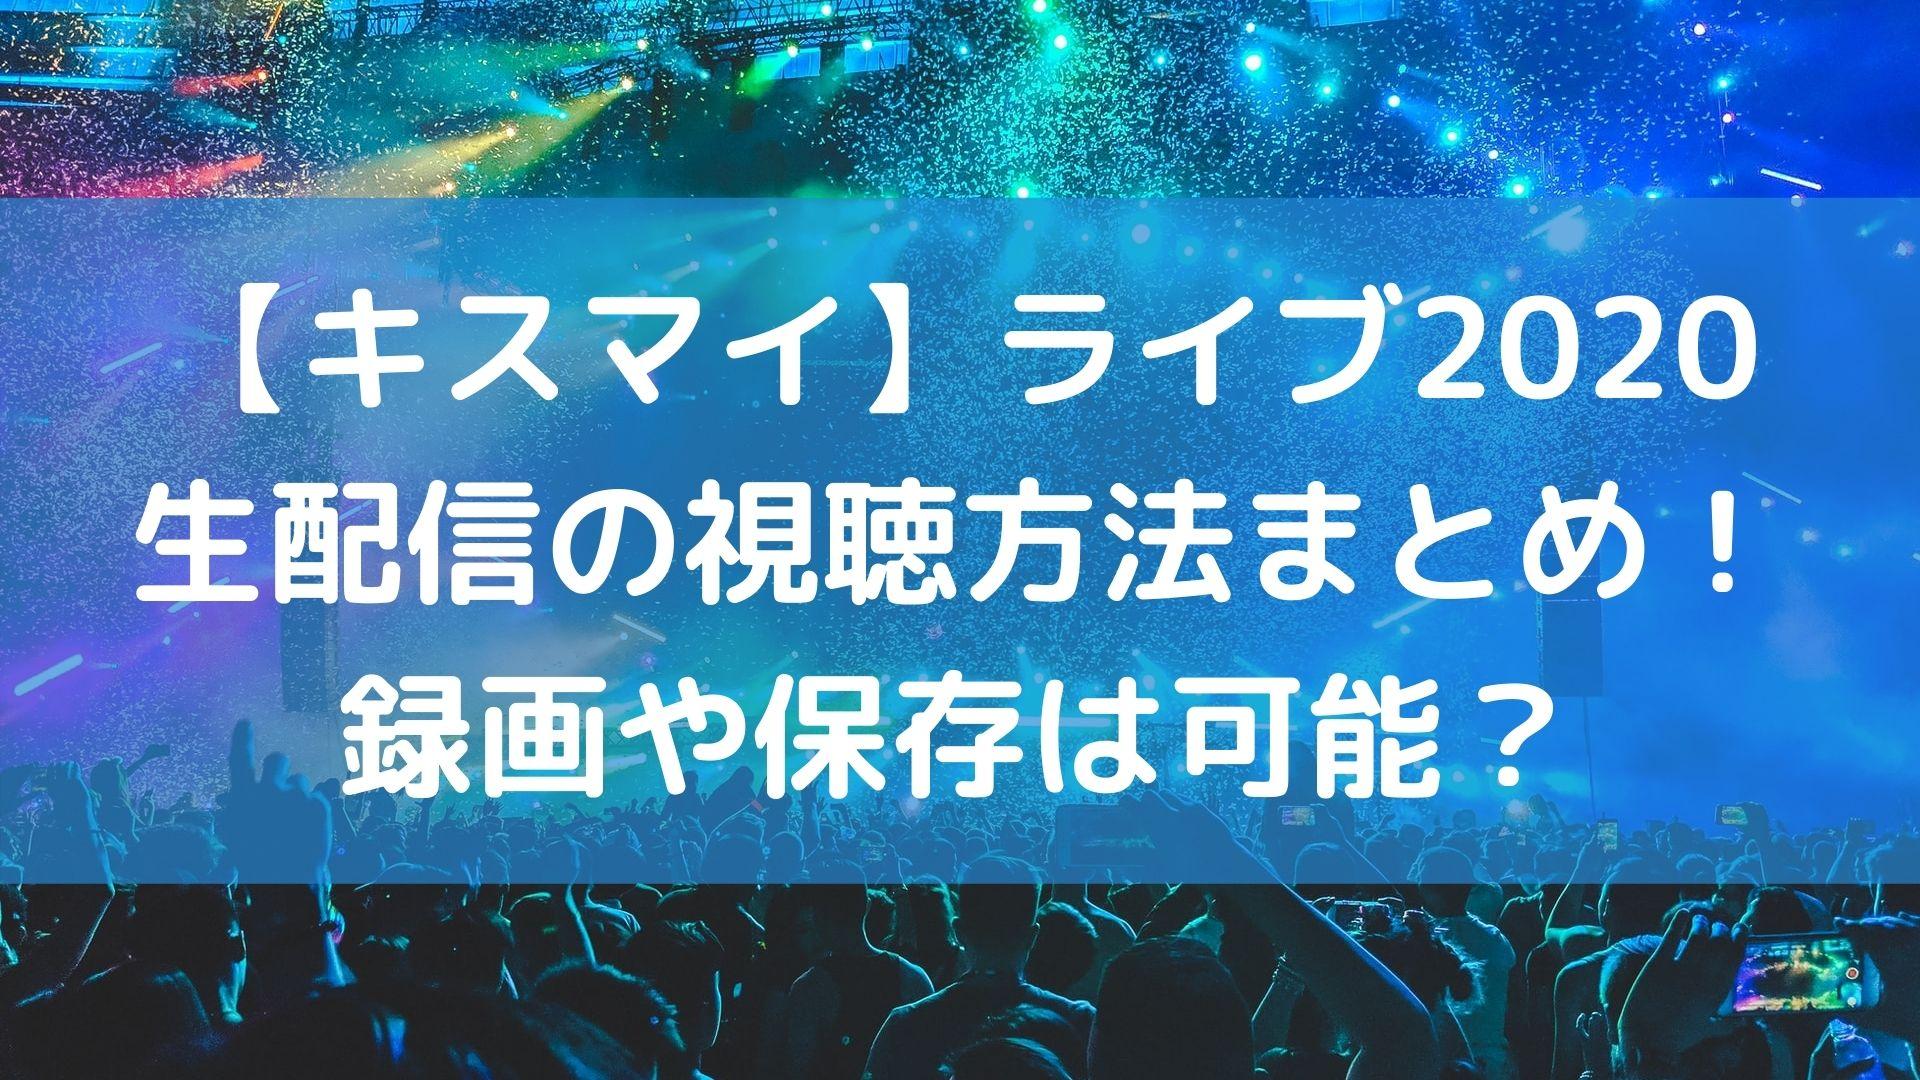 コンサート 2020 キスマイ